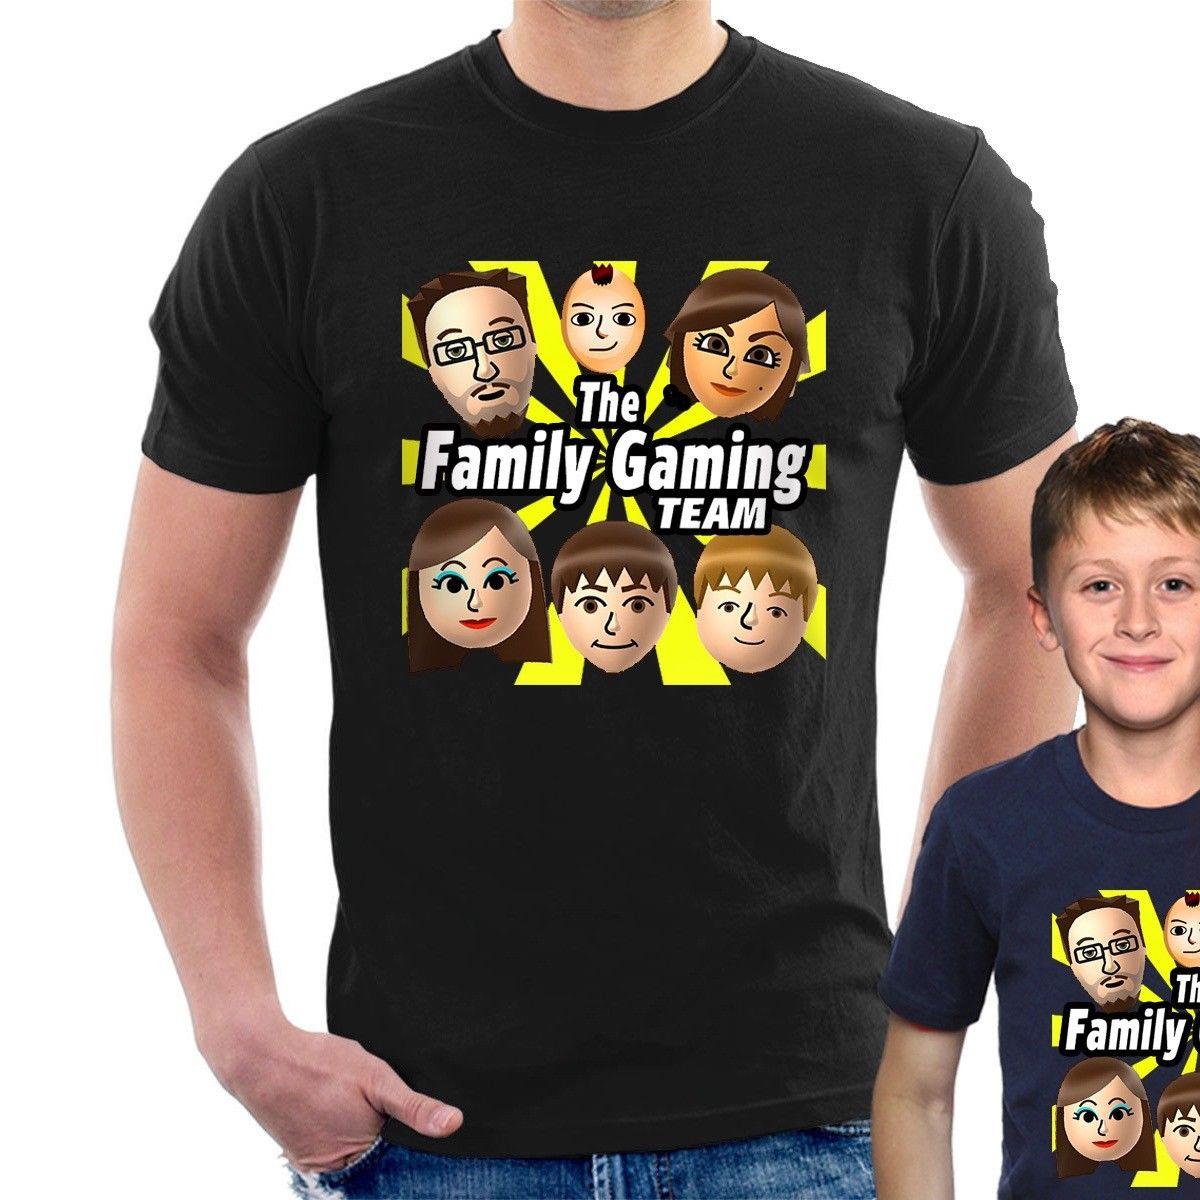 Camiseta FGTeeV para el equipo de juegos familiar youtuber Gaming fgtv, camiseta de dibujos animados para adultos y niños, nueva camiseta Unisex de moda para hombres